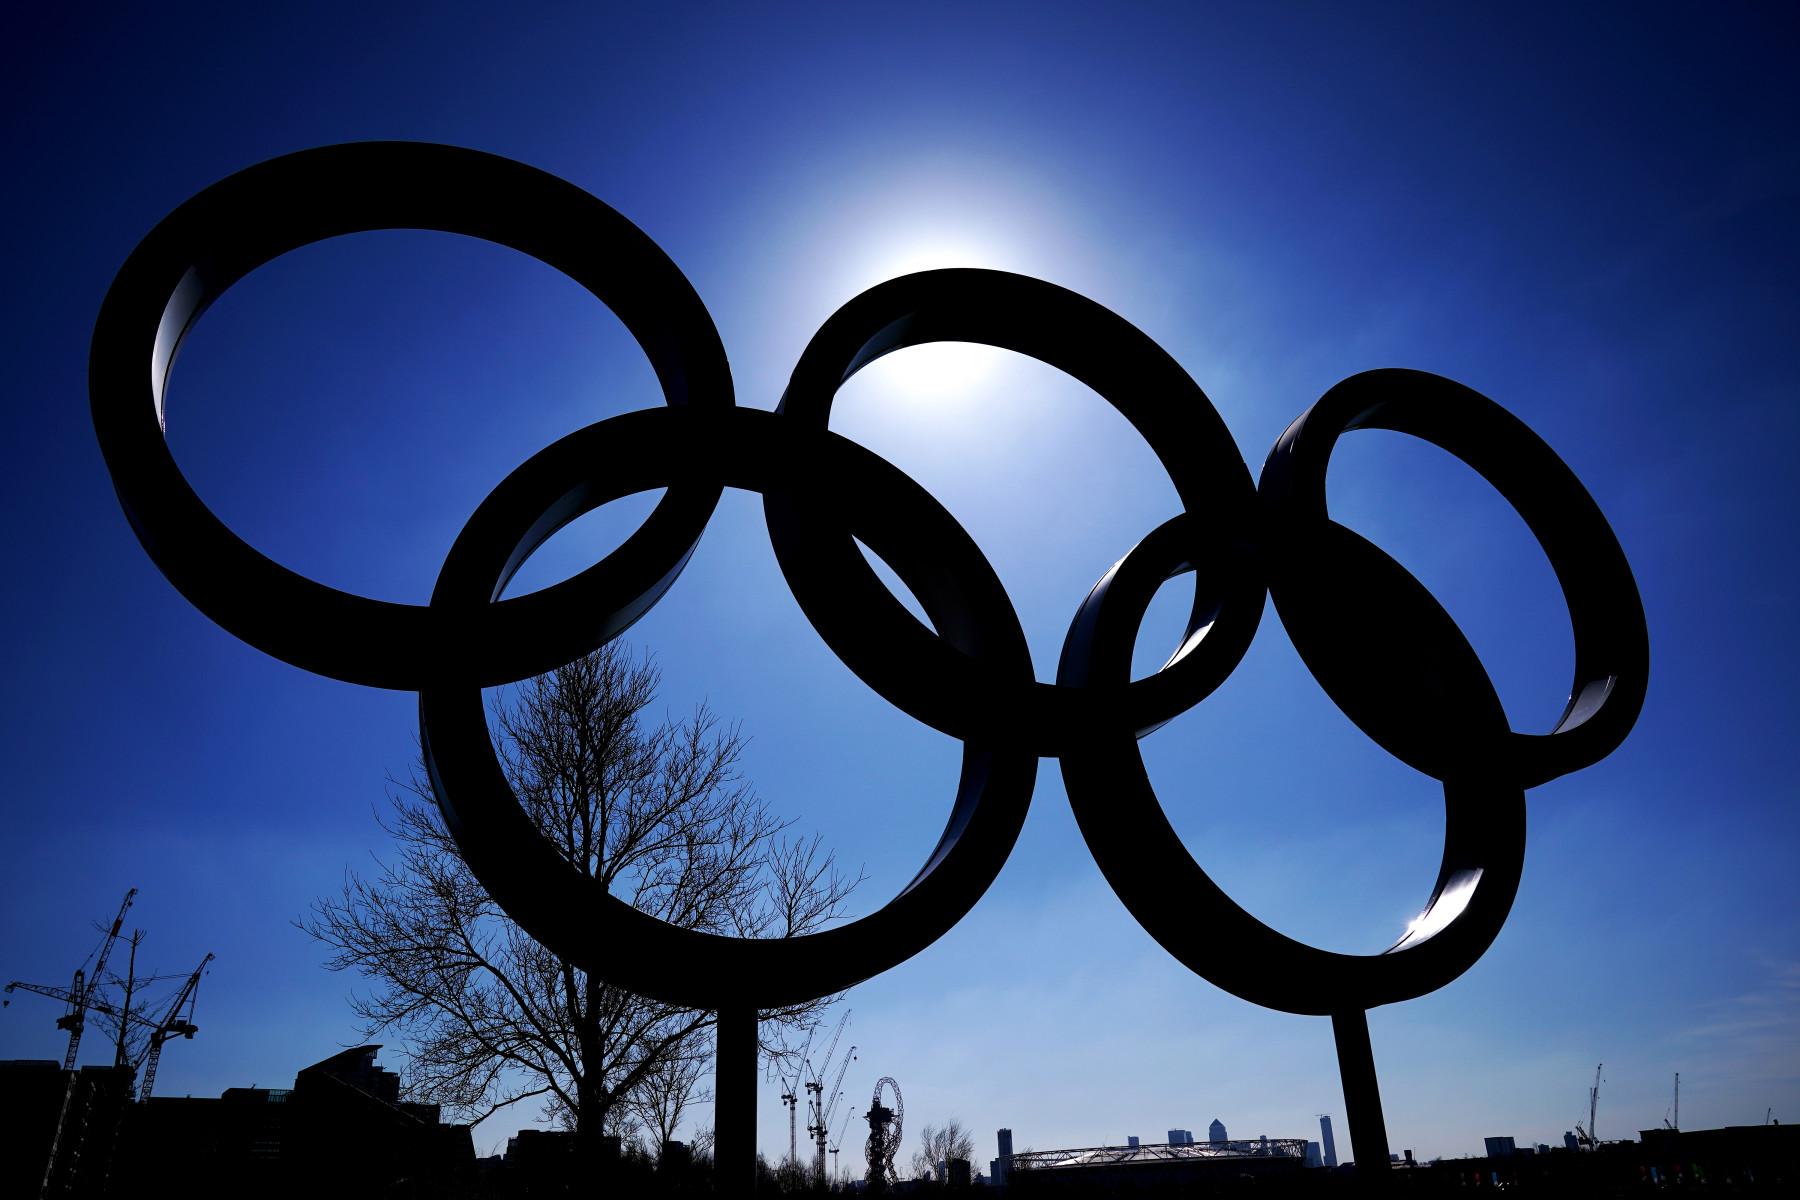 Miembro del COI: los Juegos Olímpicos de Tokio 2020 se pospondrán debido a una pandemia